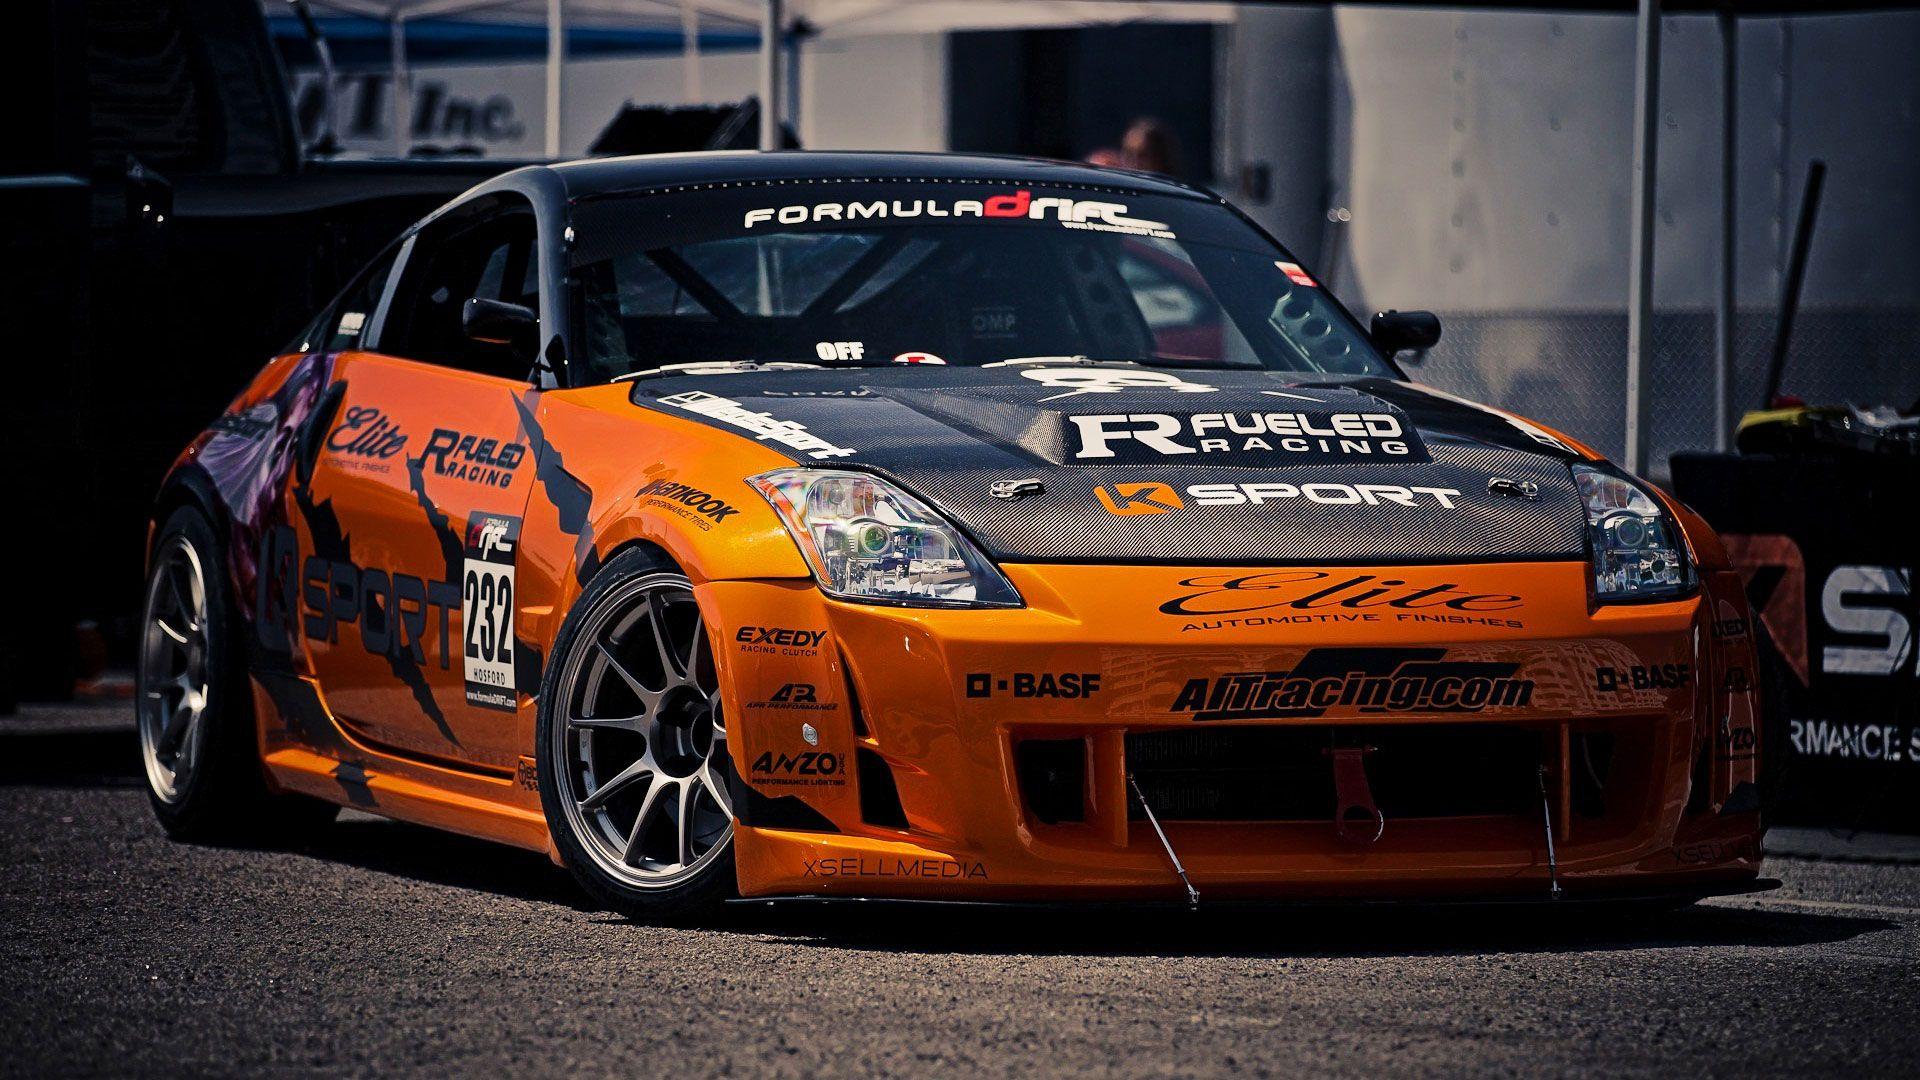 Drift racing cars nissan 350z formula drift race car - Drift car wallpaper ...